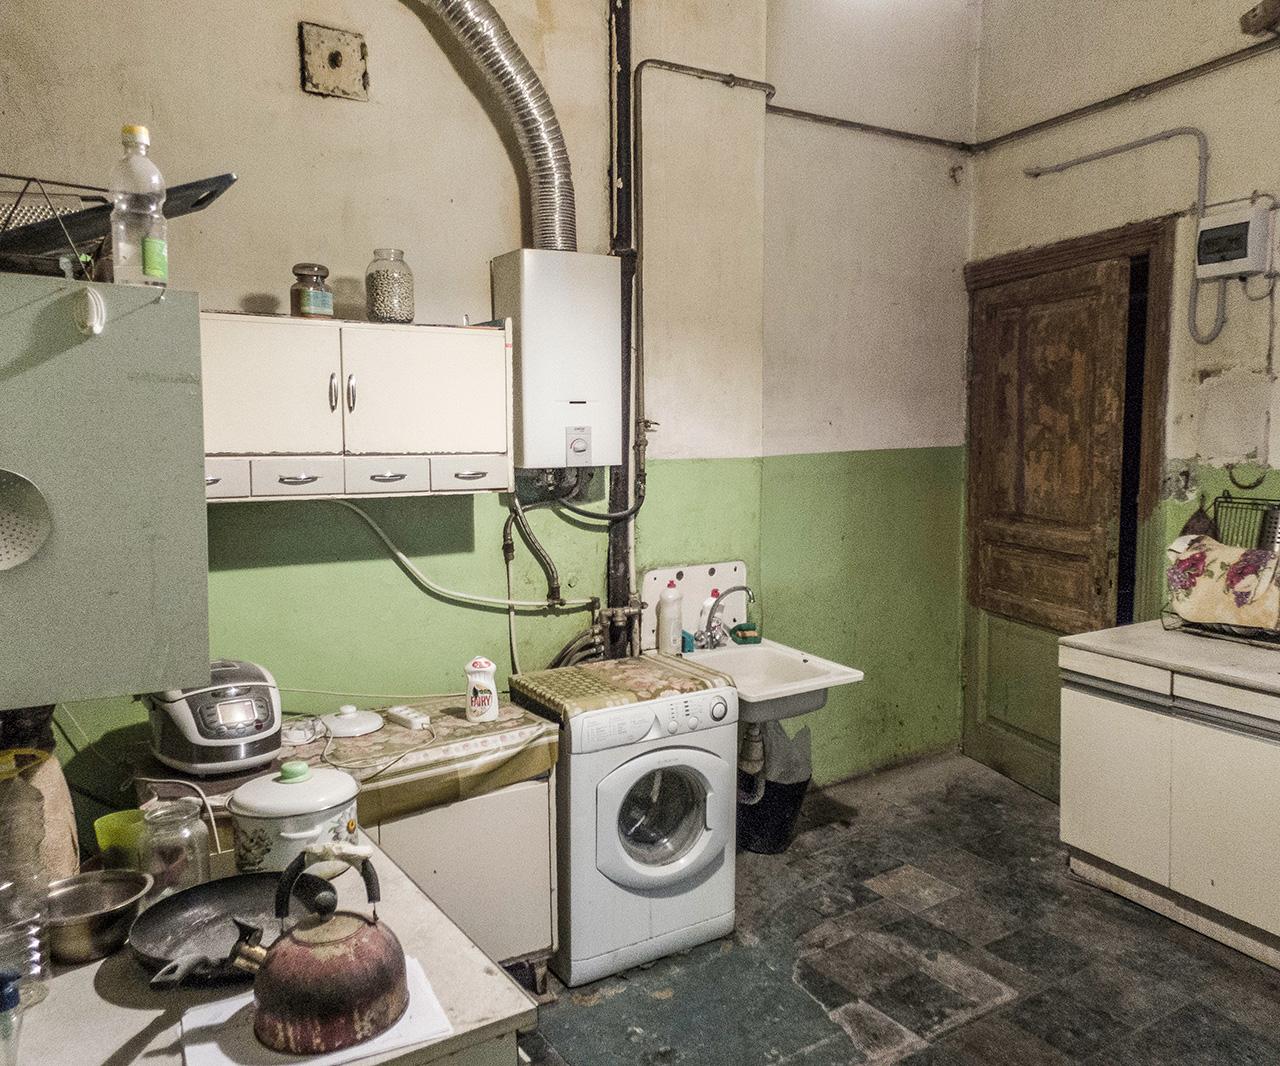 """Интериорът на комуналните апартаменти е запазен най-добре, защото жителите им очакват да ги изселят и не ги ремонтират, обяснява Максим. """"Ремонт"""" в Русия обикновено означава сриване до основи и строене на всичко наново. Разбира се, някои от тези апартаменти са доста западнали, защото хората, които живеят там, не се грижат за тях. Но """"евроремонтът"""" (ремонтът по европейски) ги разрушава още повече, казва той."""